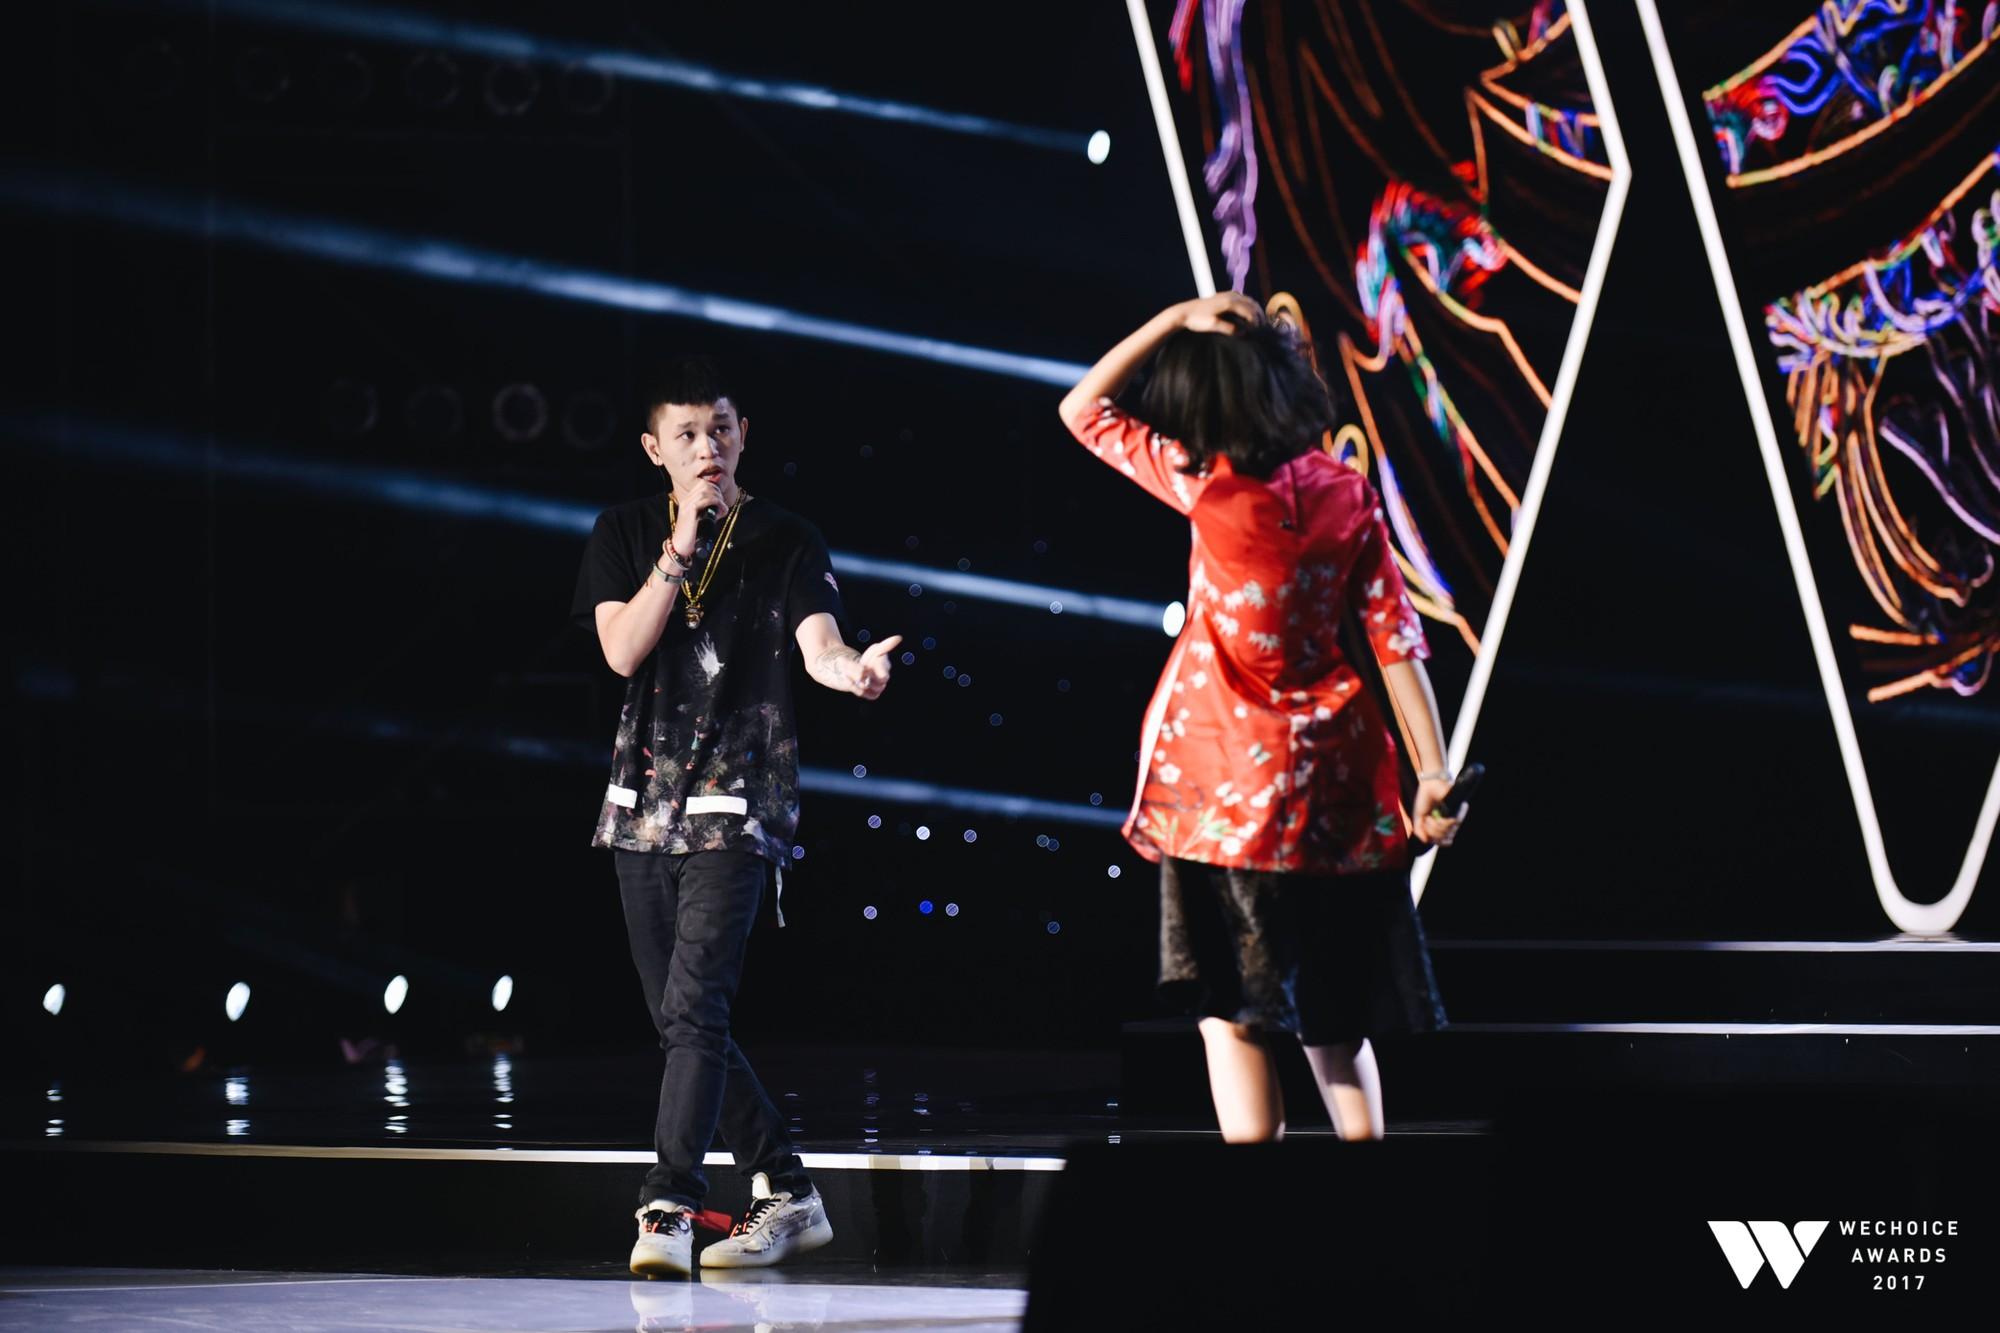 Khoảnh khắc WeChoice Awards: Đẹp nhất là khi Sơn Tùng, bé Bôm và các nghệ sĩ Việt cùng chậm lại trong dòng cảm xúc vỡ òa - Ảnh 29.